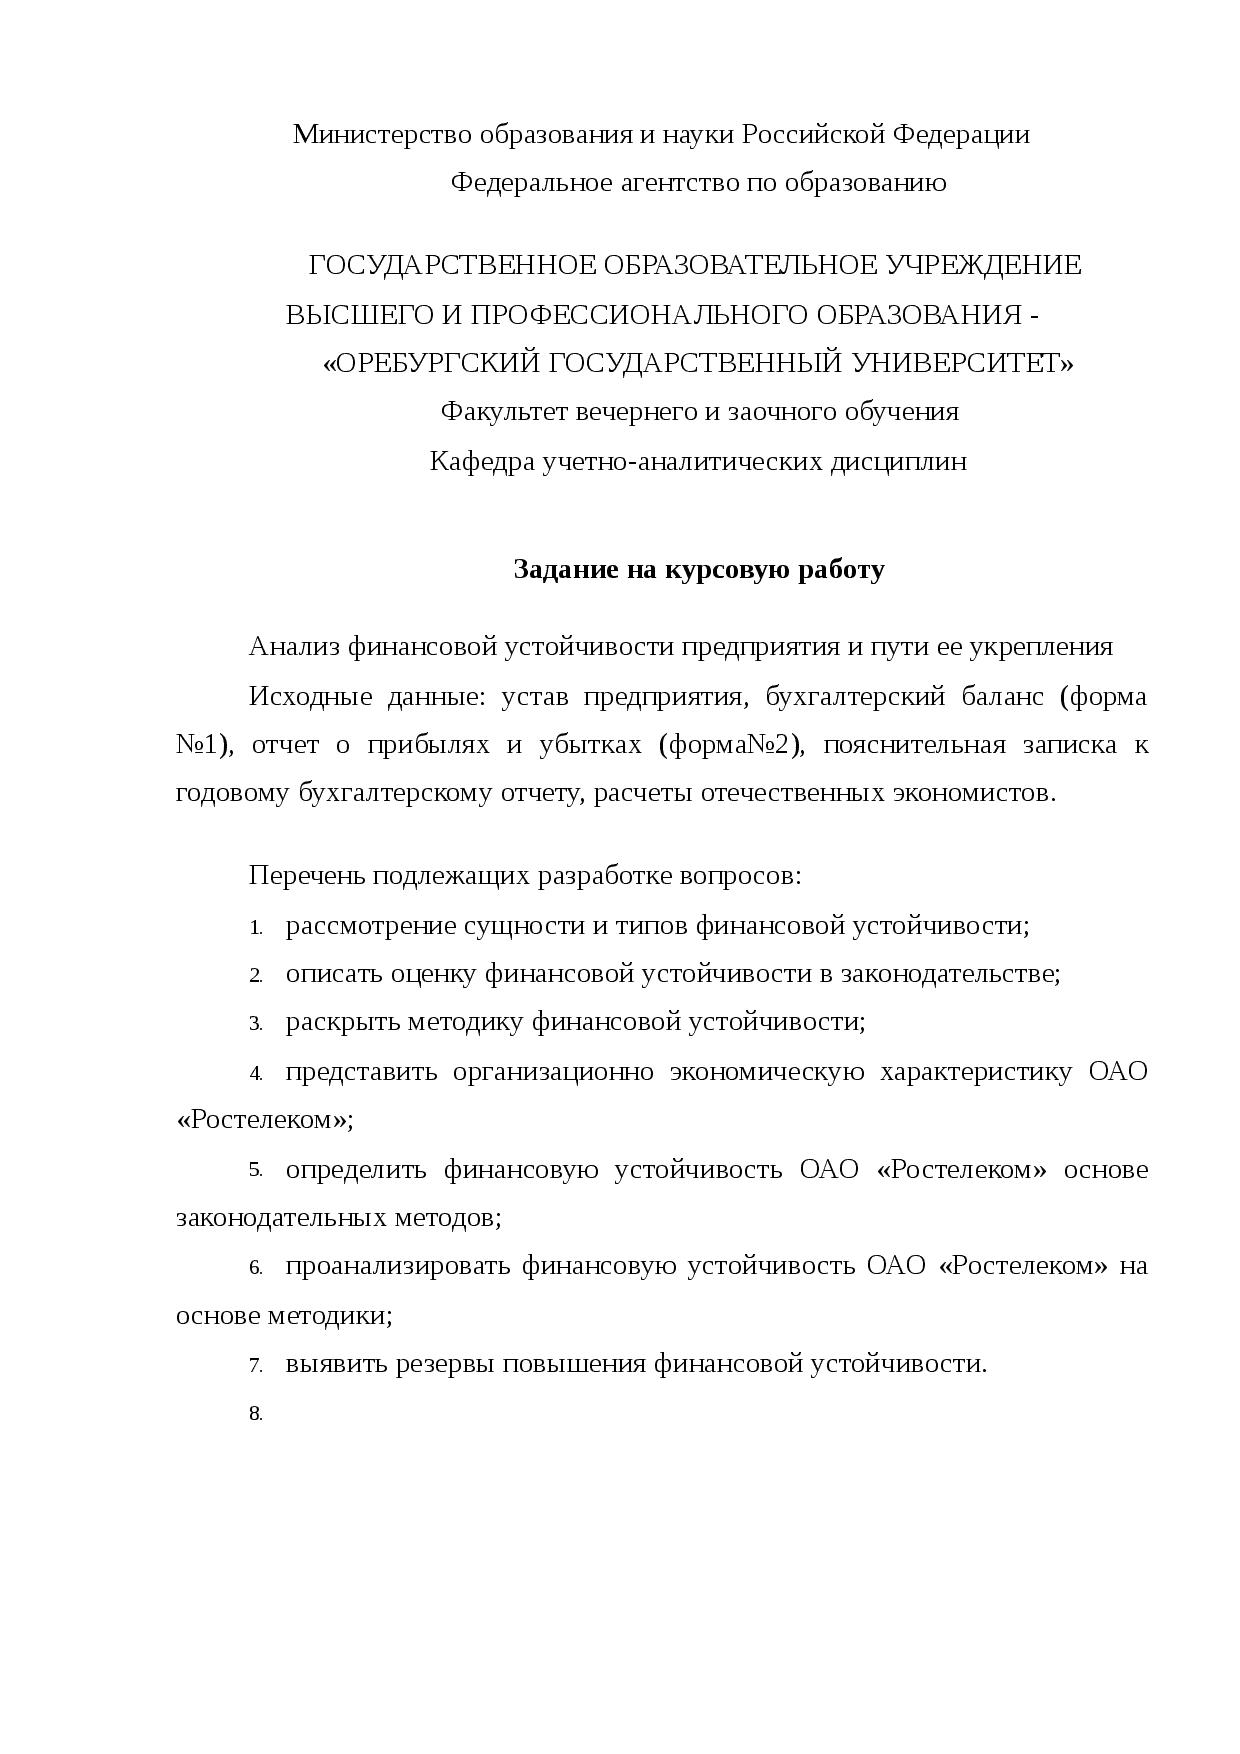 курсовая работа анализ финансовой устойчивости предприятия на примере